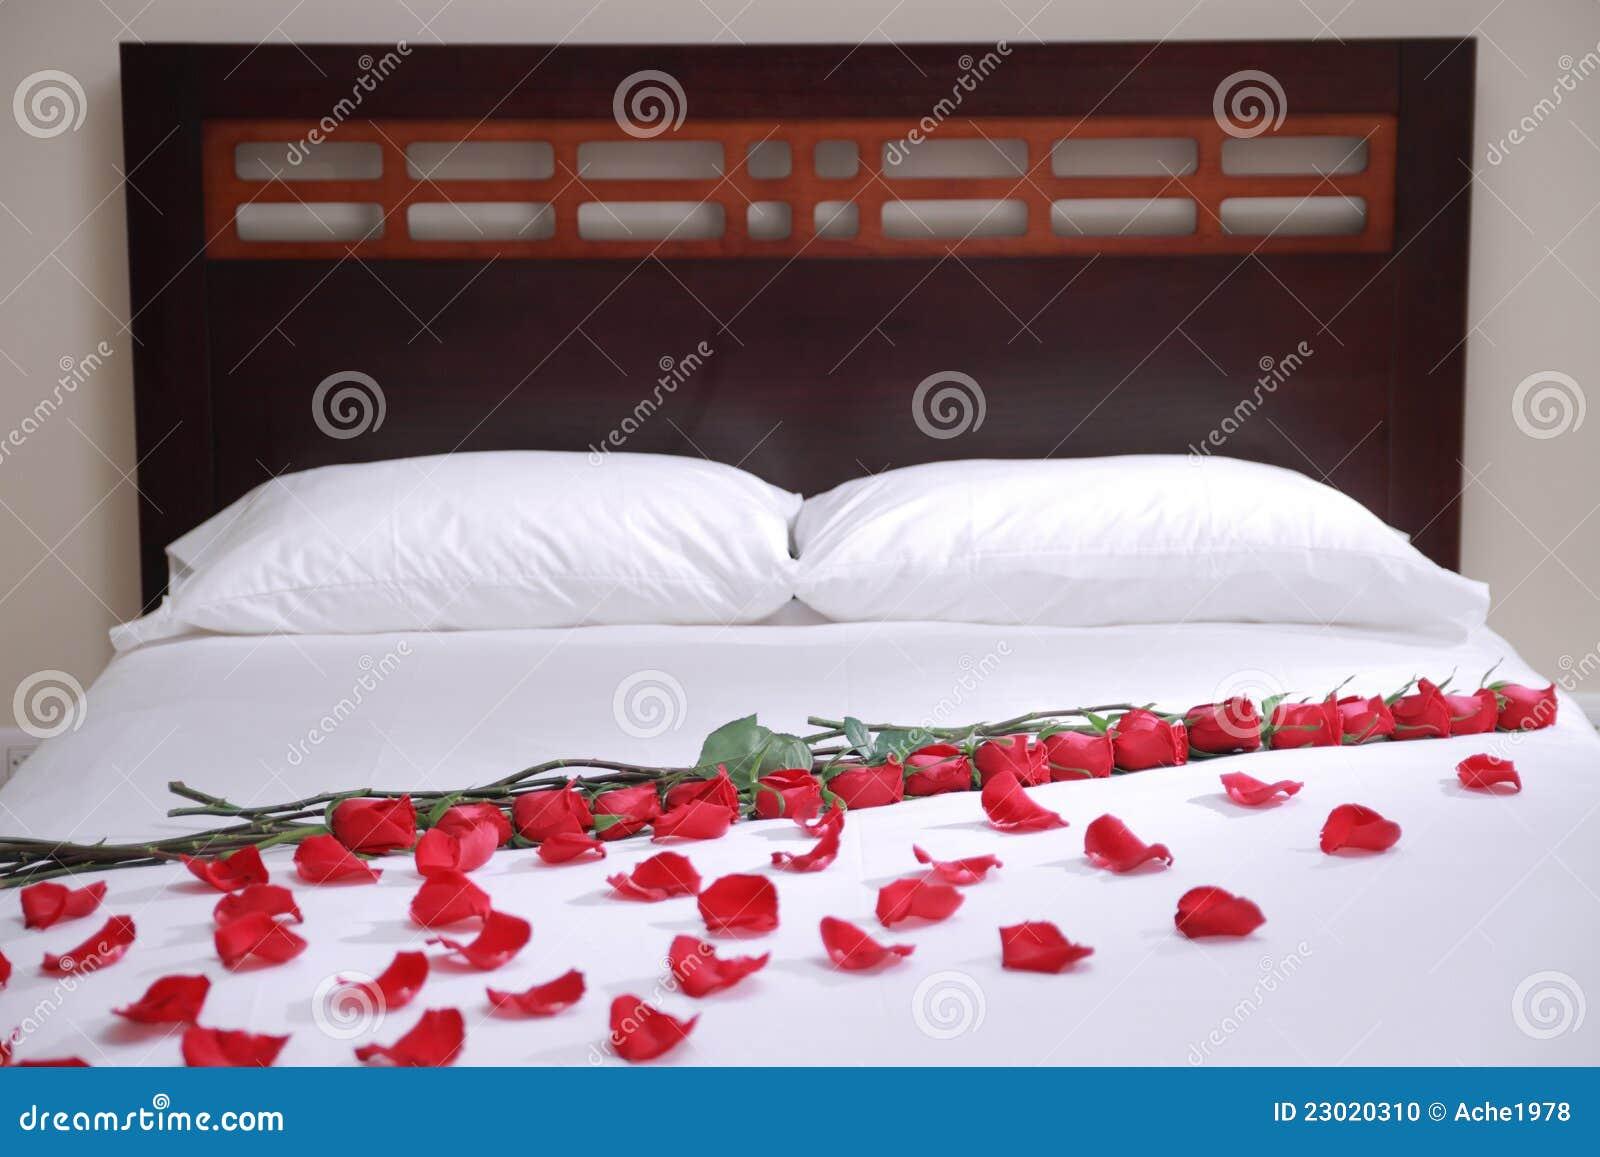 Matrimonio Bed Of Roses : Cama de rosas foto archivo imagen